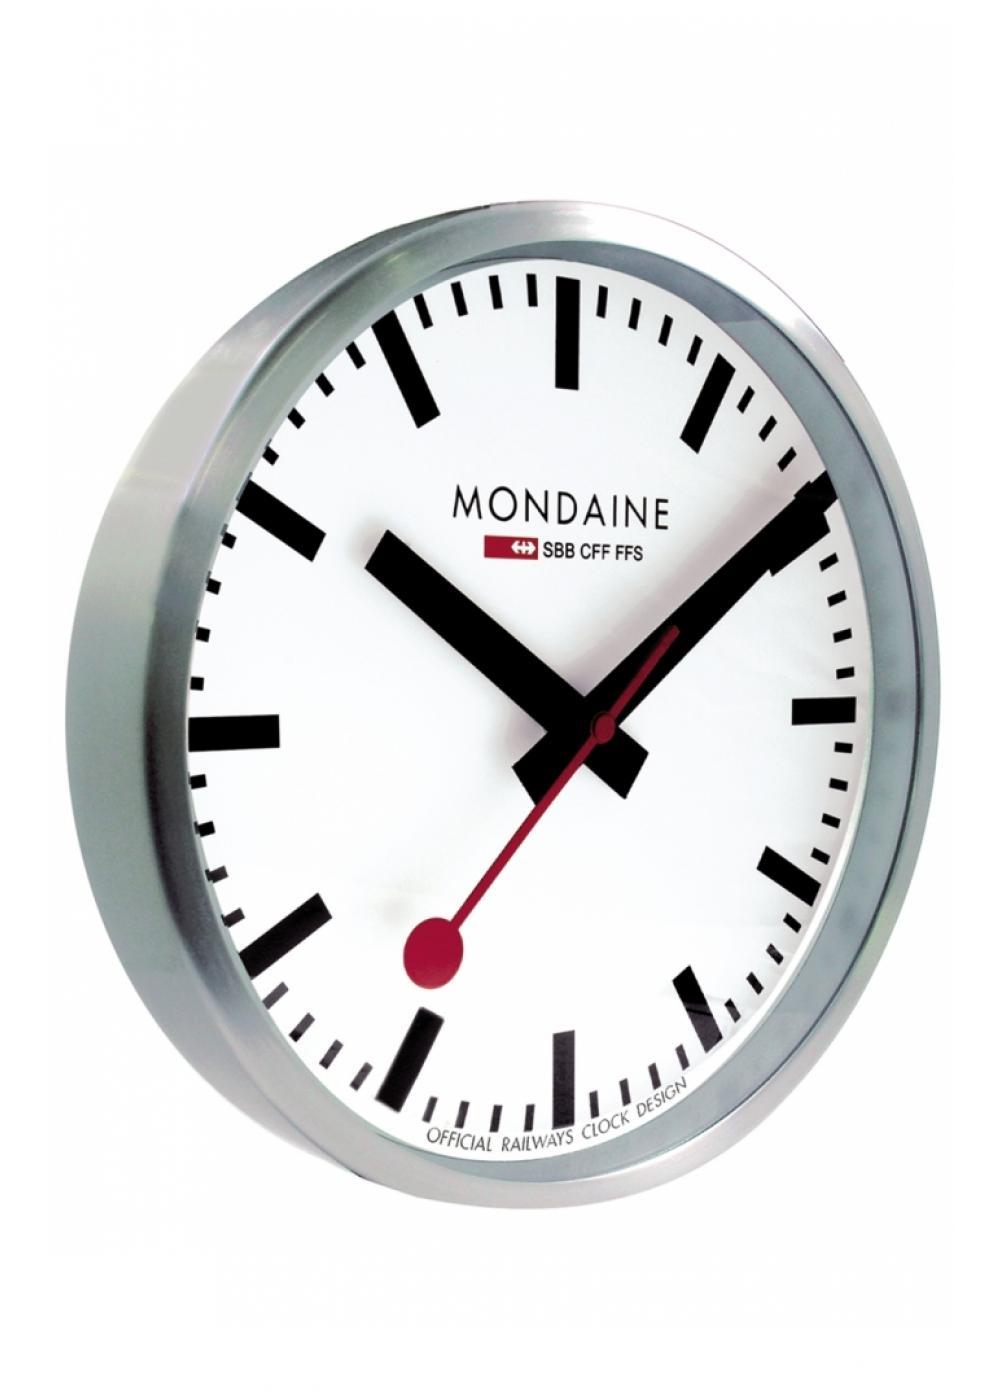 A995 Clock 16sbb Mondaine Wall Clock 400mm Official